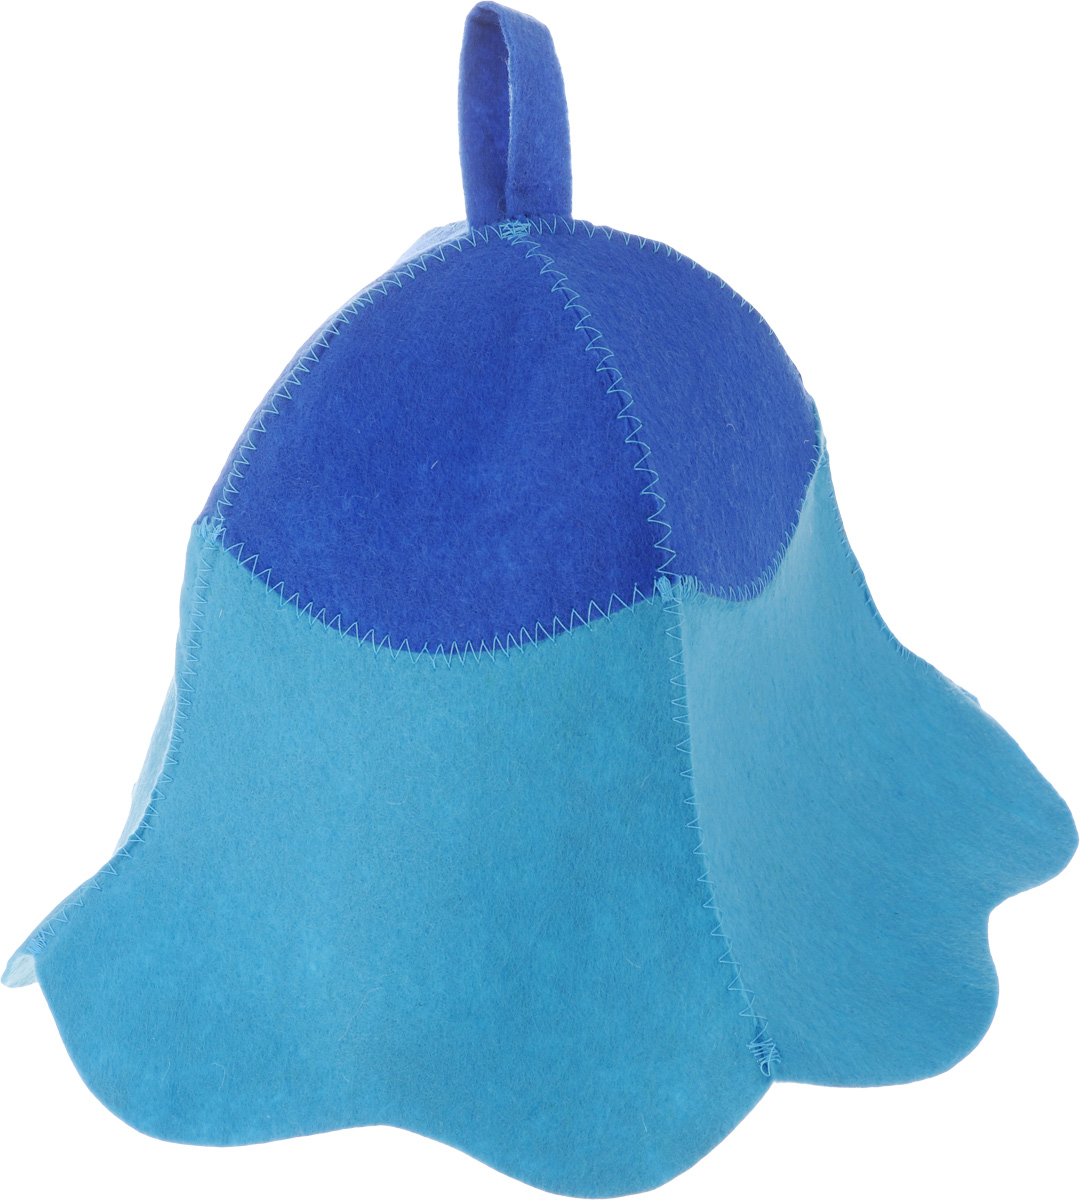 Шапка для бани и сауны Доктор баня Дюймовочка, цвет: голубой, синий905787Шапка для бани и сауны Доктор баня Дюймовочка изготовлена из фильца (100% полиэстер) - нетканого полотна. Это незаменимый аксессуар для любителей попариться в русской бане и для тех, кто предпочитает сухой жар финской бани. Необычный дизайн изделия поможет сделать ваш отдых более приятным и разнообразным. При правильном уходе шапка прослужит долгое время - достаточно просушивать ее, подвешивая за петельку.Диаметр шапки по нижнему краю: 37 см.Высота шапки: 25 см.